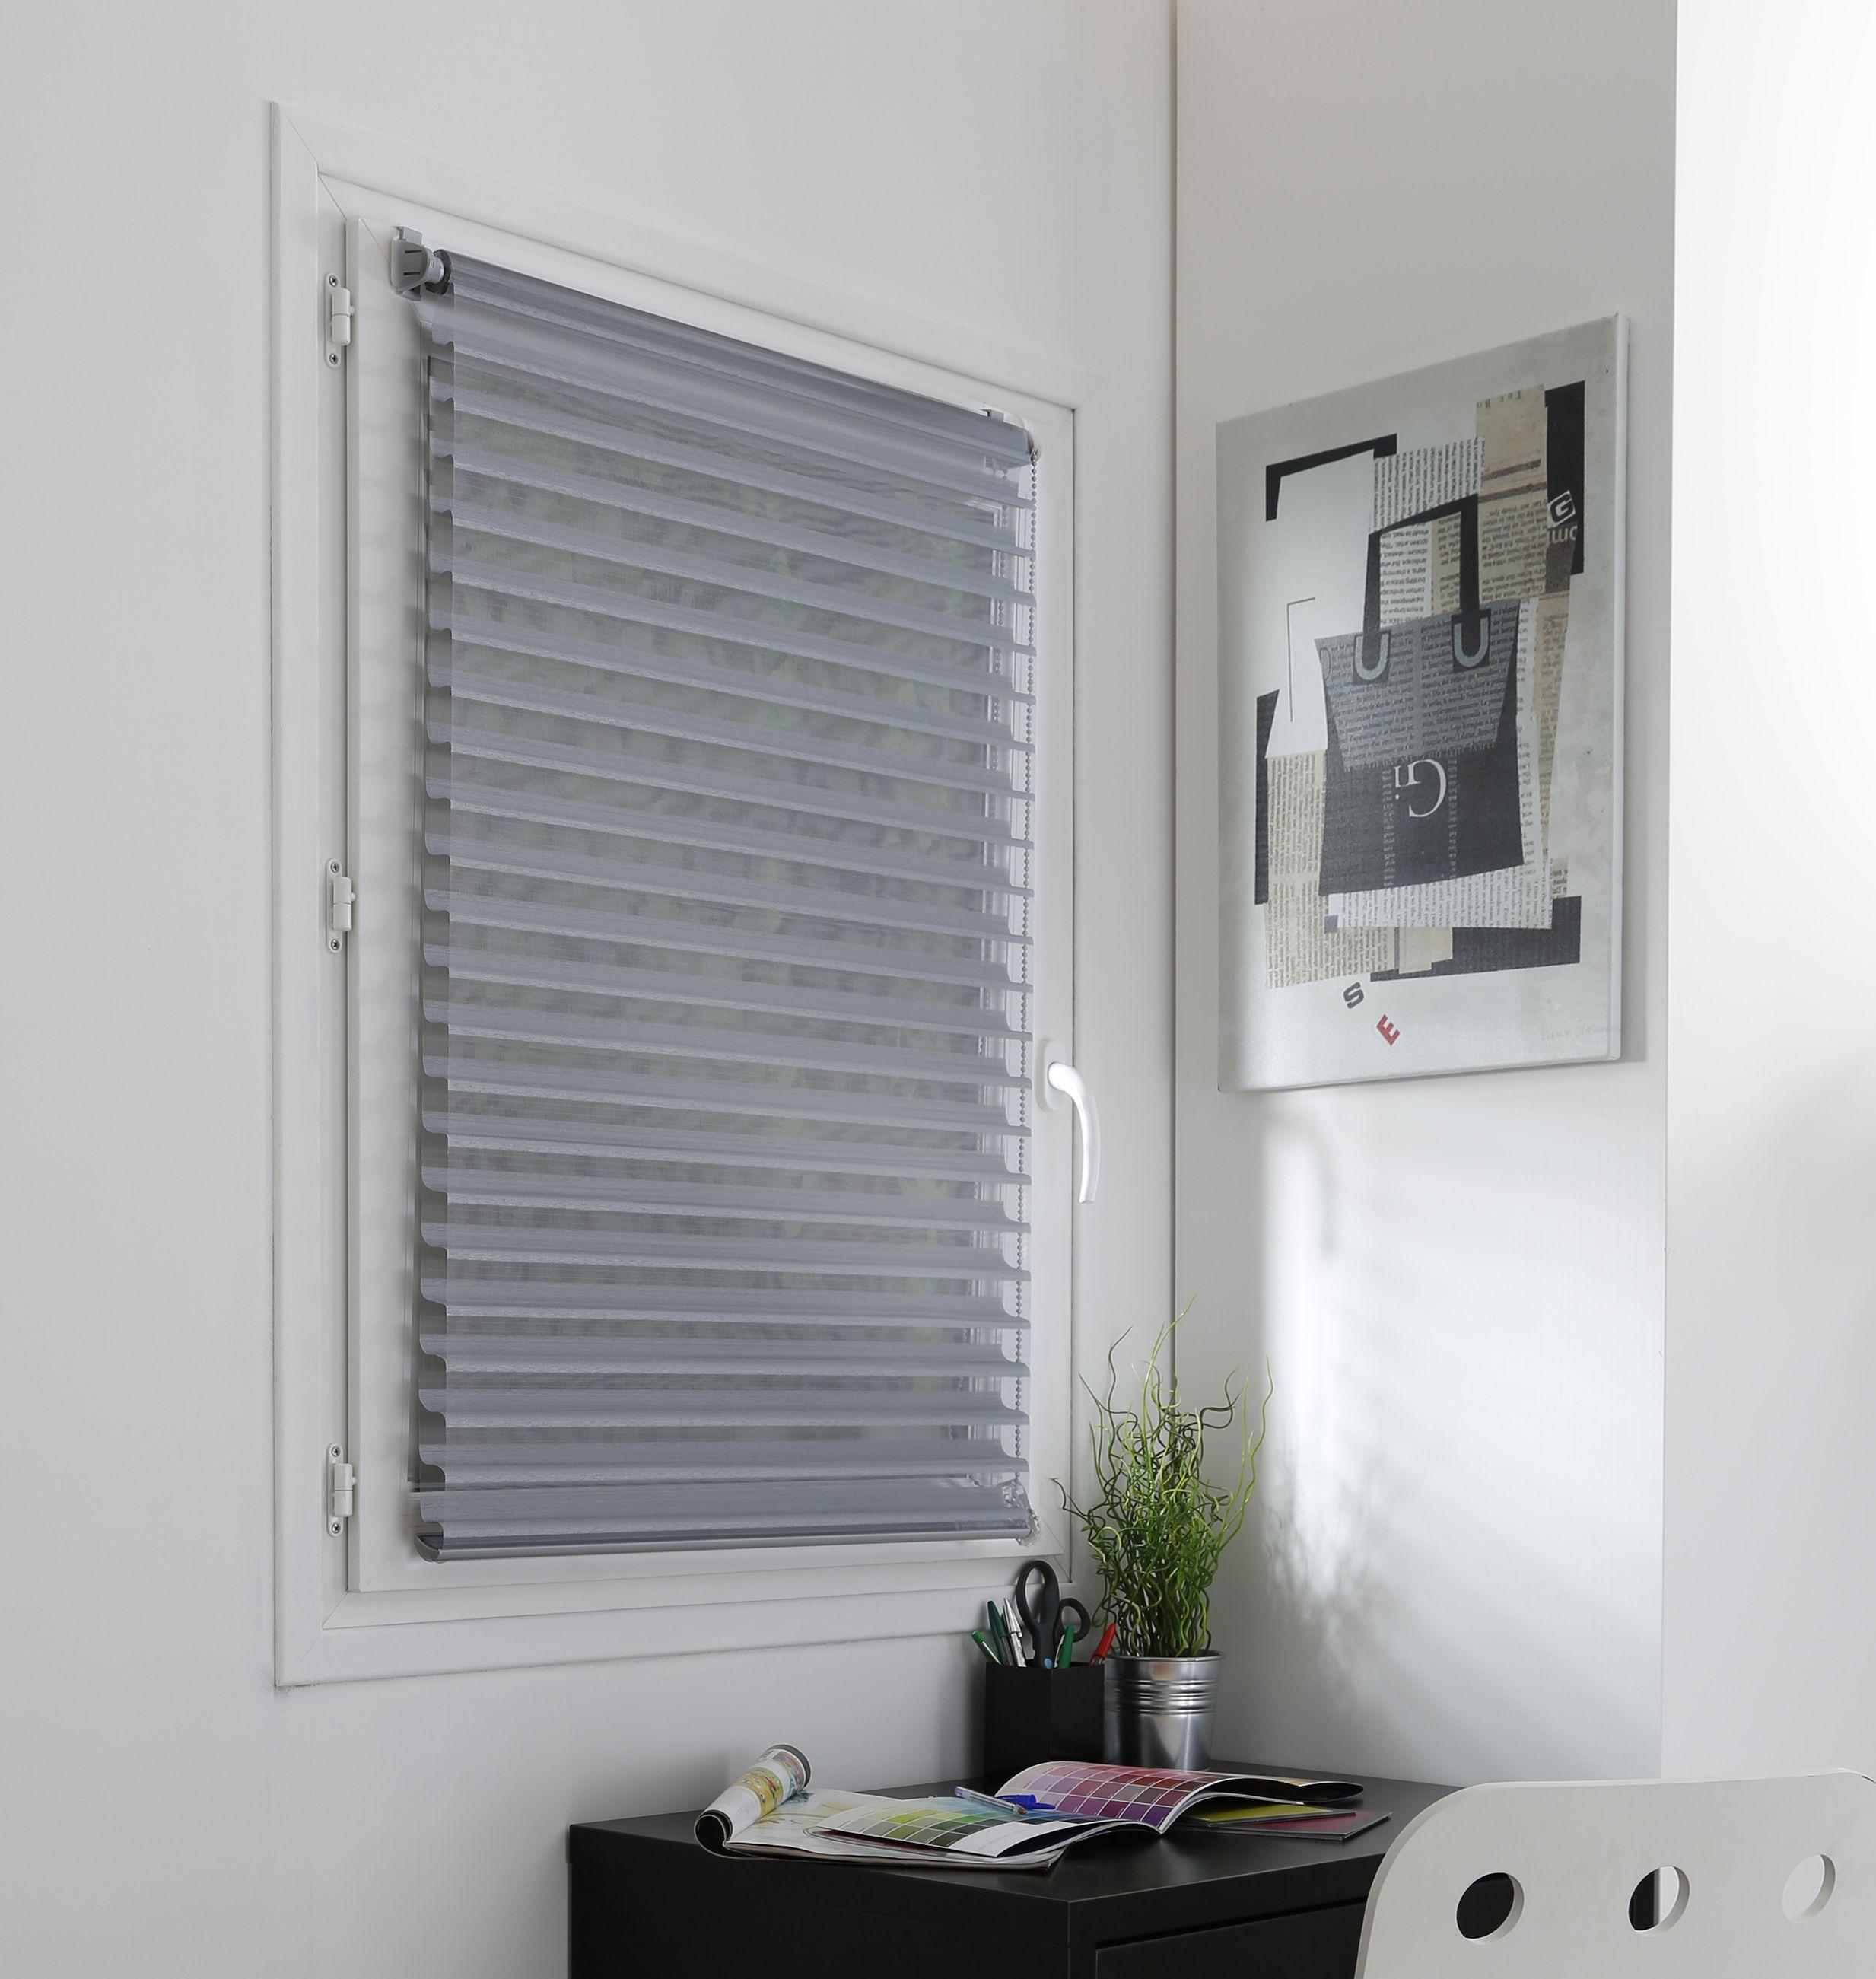 Duo store fenêtres à enrouleur sans perçage couleurs et dimensions à choisir